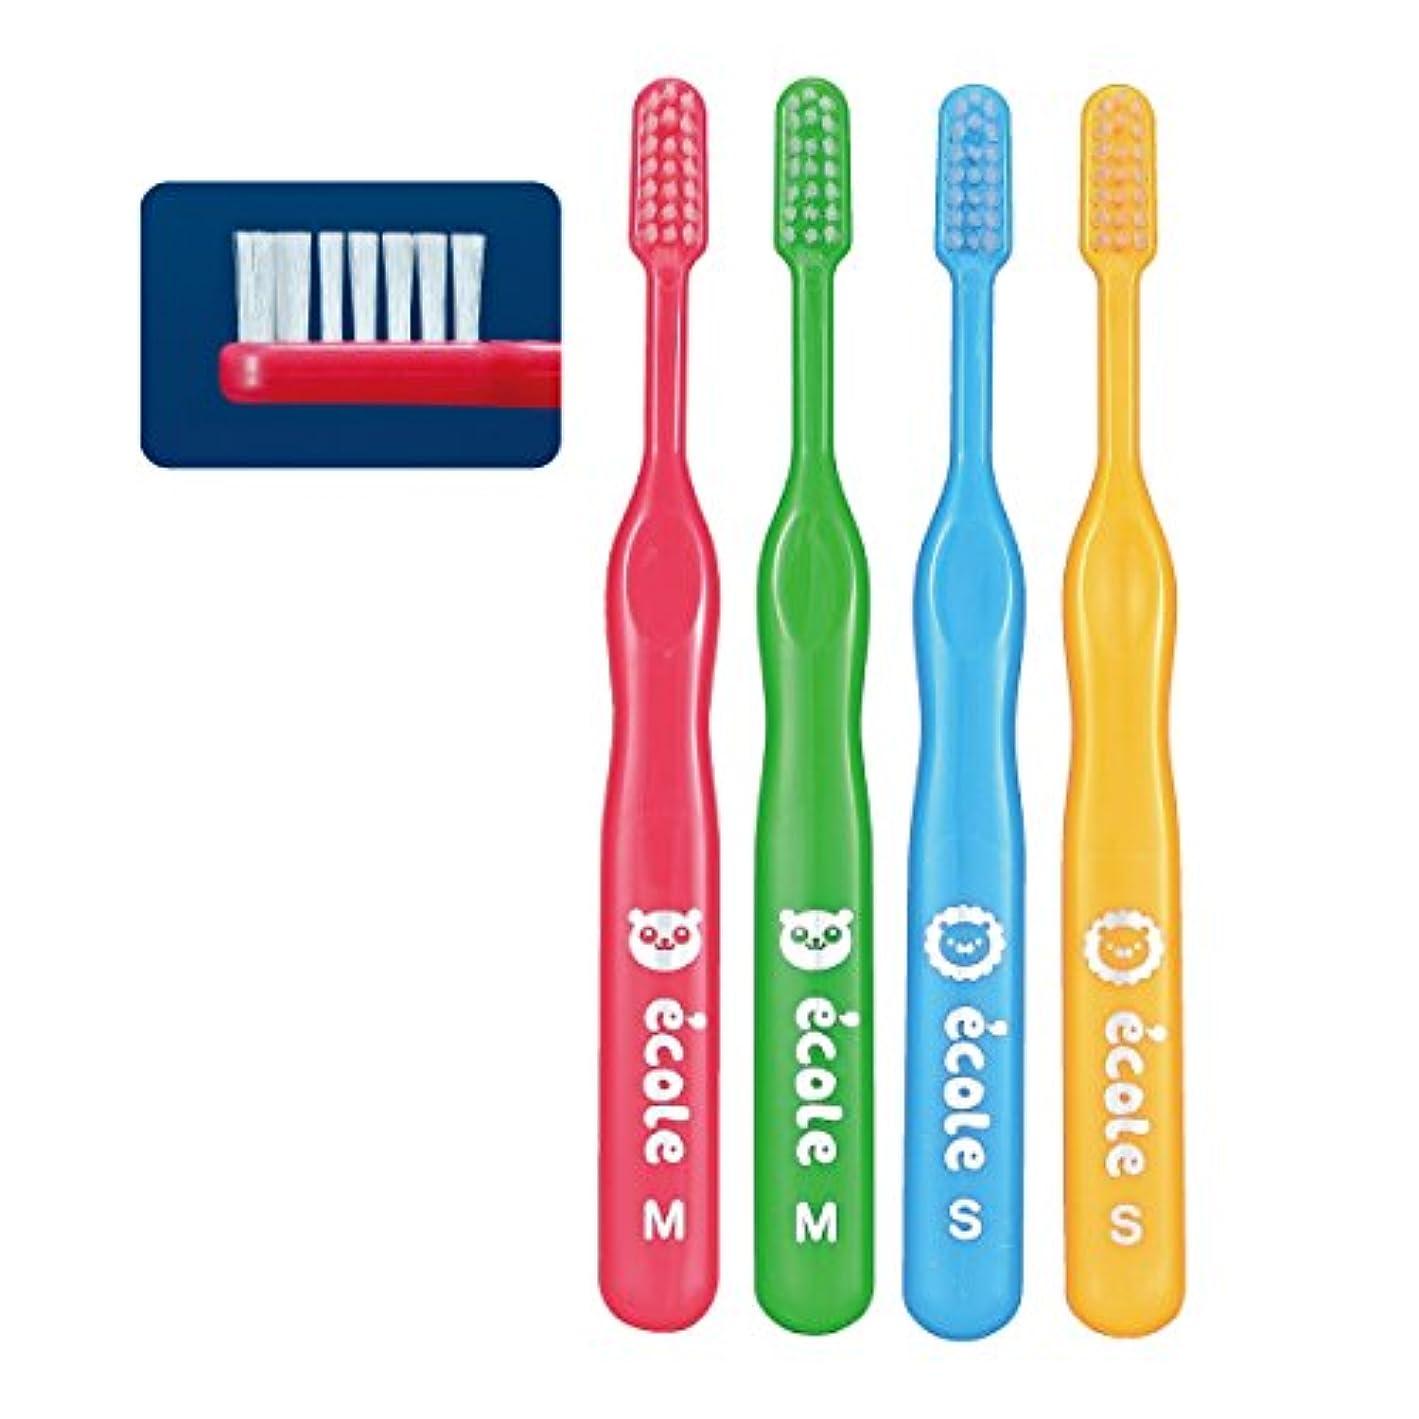 パスベックス厳しいリセラ エコル 幼児~小学生用歯ブラシ Mふつう 4本入り